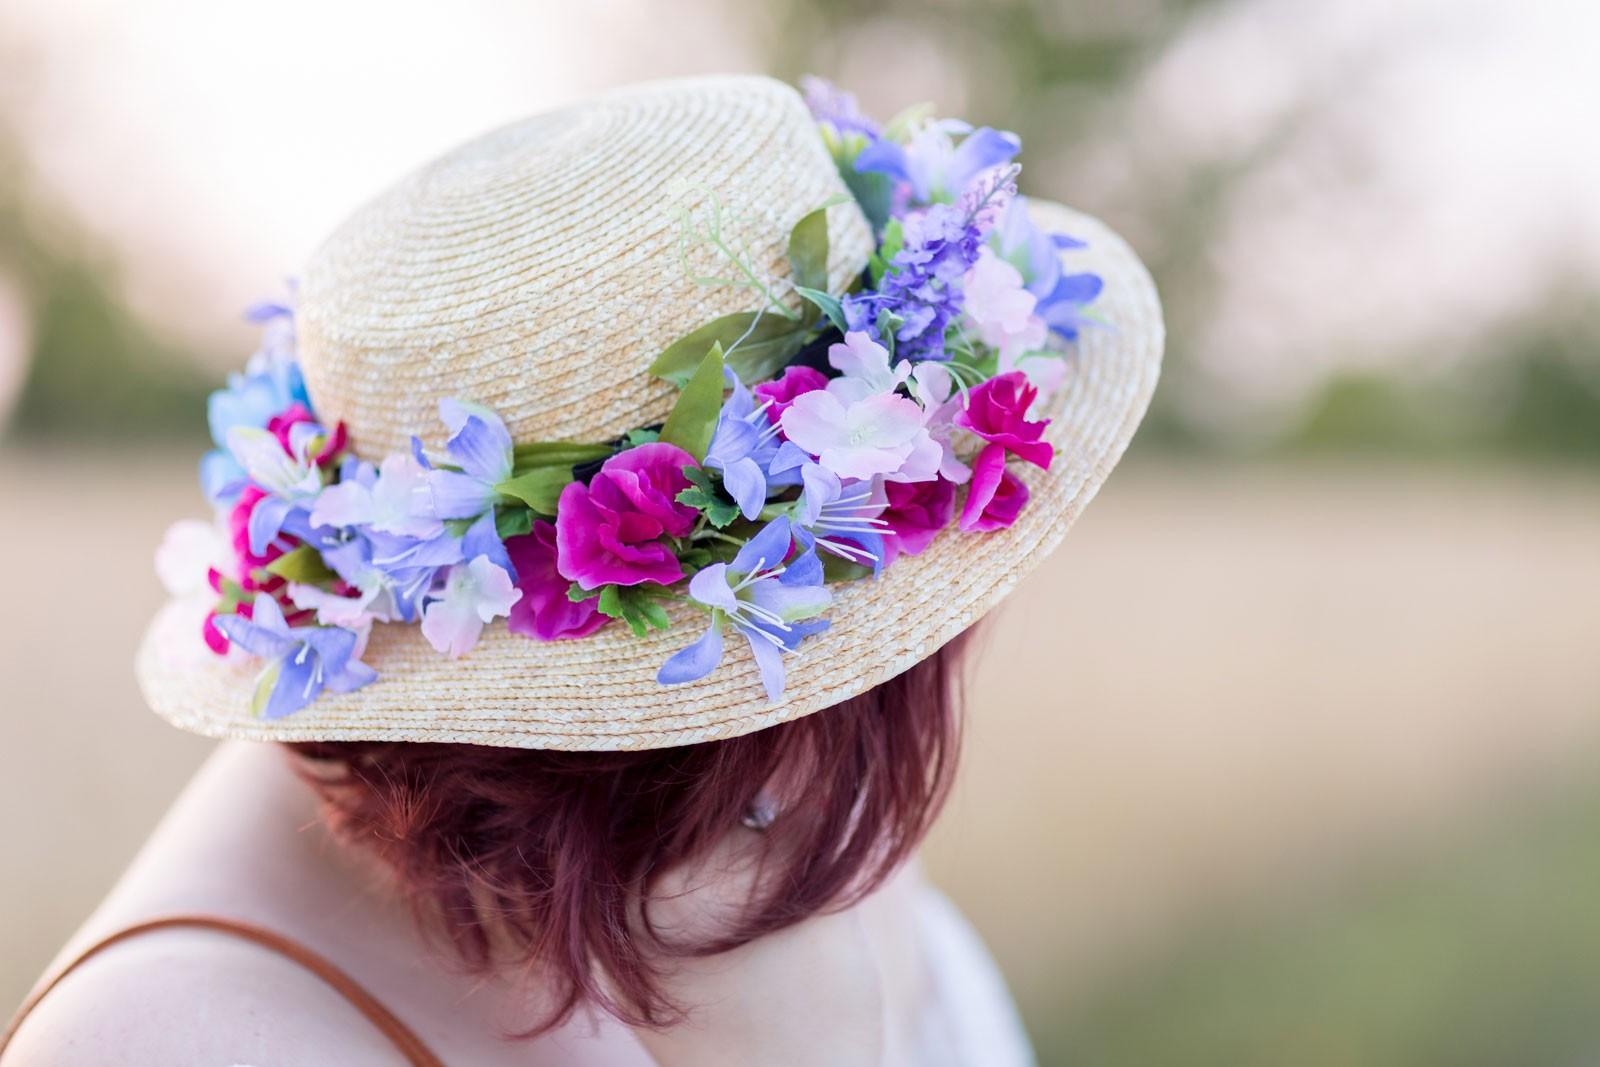 Ninaah bulles, shein grande taille, impressionniste, mlle.botanik, blogeuse, look, diy, couture, jupe, bucolique, chapeau, canotier, fleurs, été